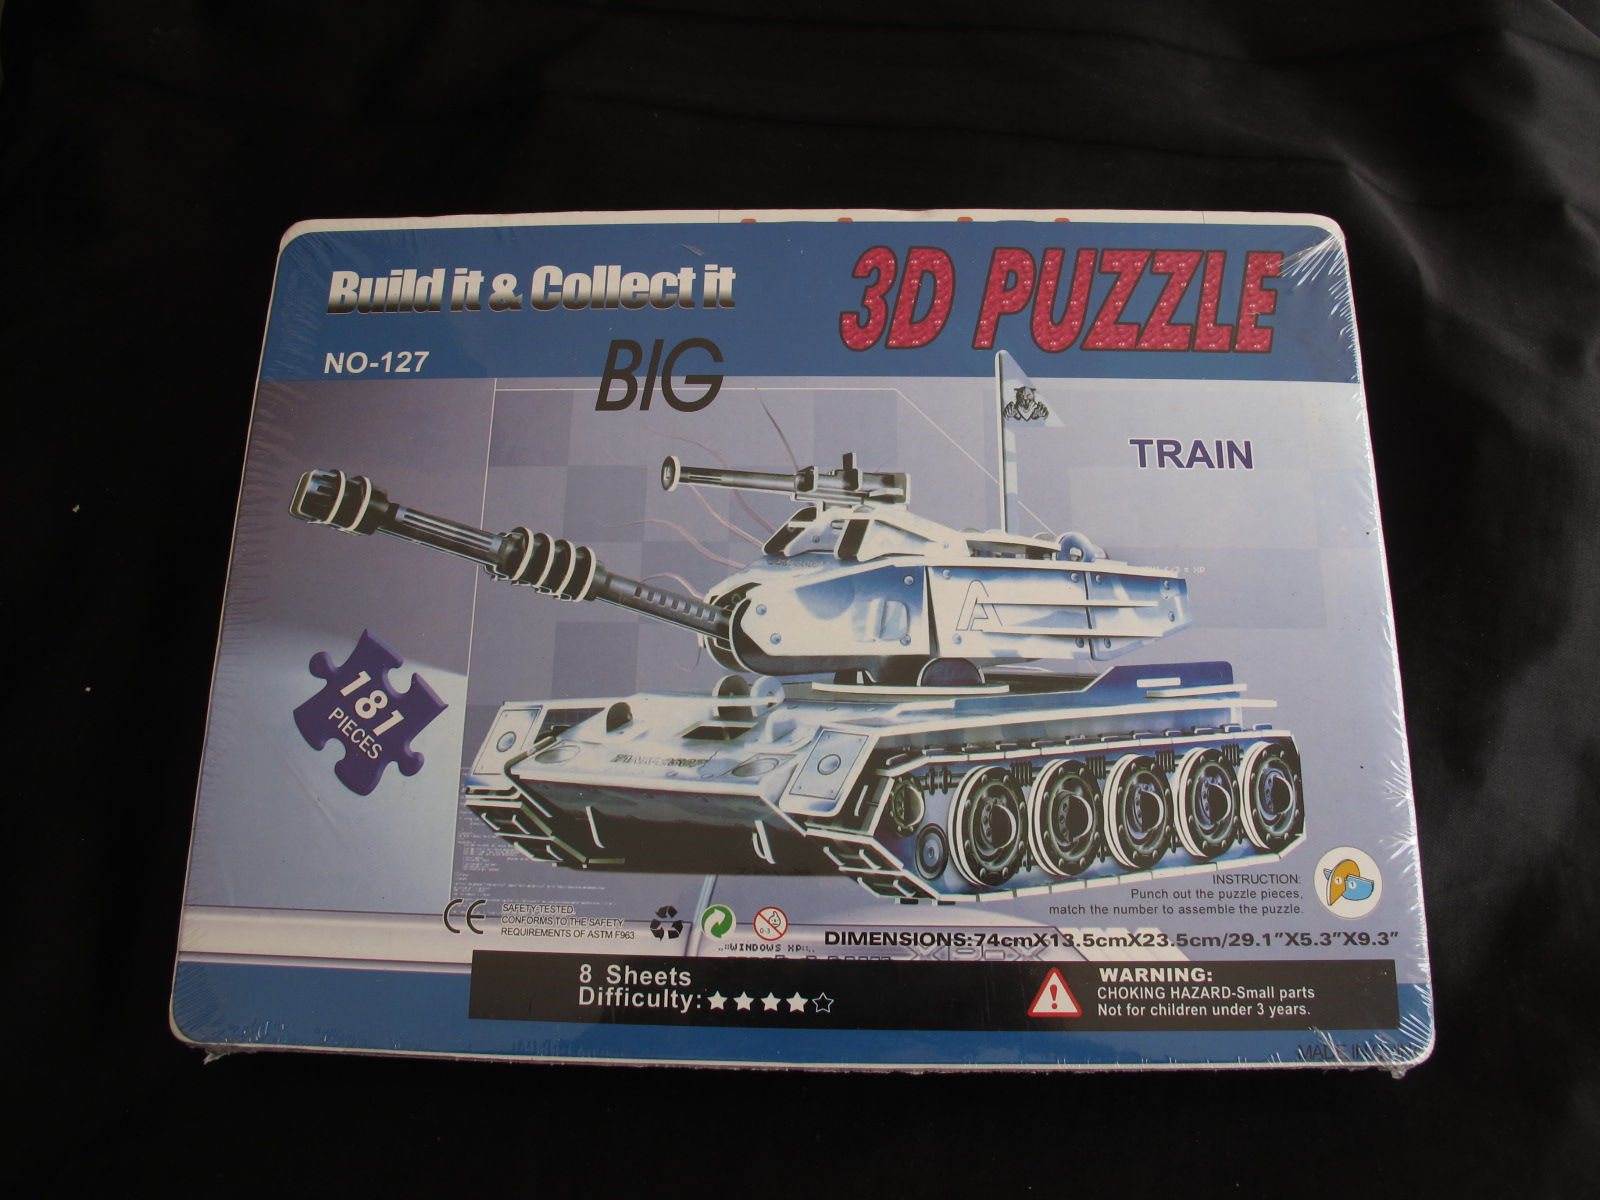 โมเดลกระดาษรถถัง ขนาด 181 ชิ้น ขนาดใหญ่ 8 แผ่น Tank (SUPER 3D PUZZLE)